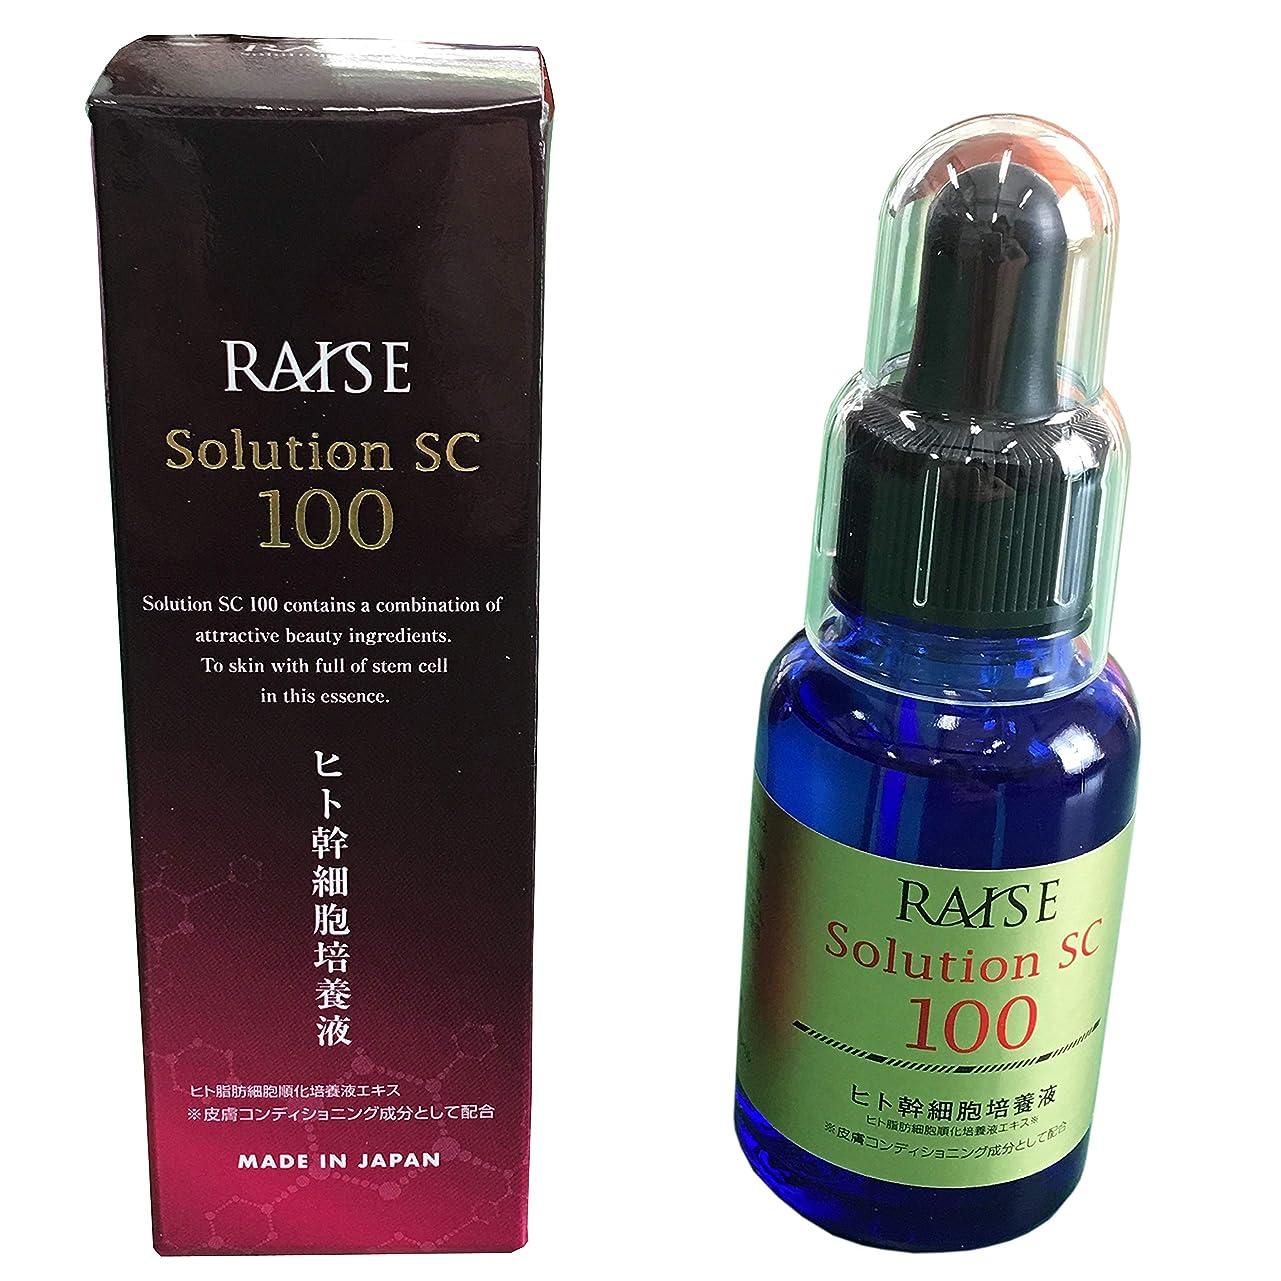 デコレーション故意に動くRAISE レイズ ソリューション SC100 美容液 30ml ヒト幹細胞 + 活性型 FGF RS-E